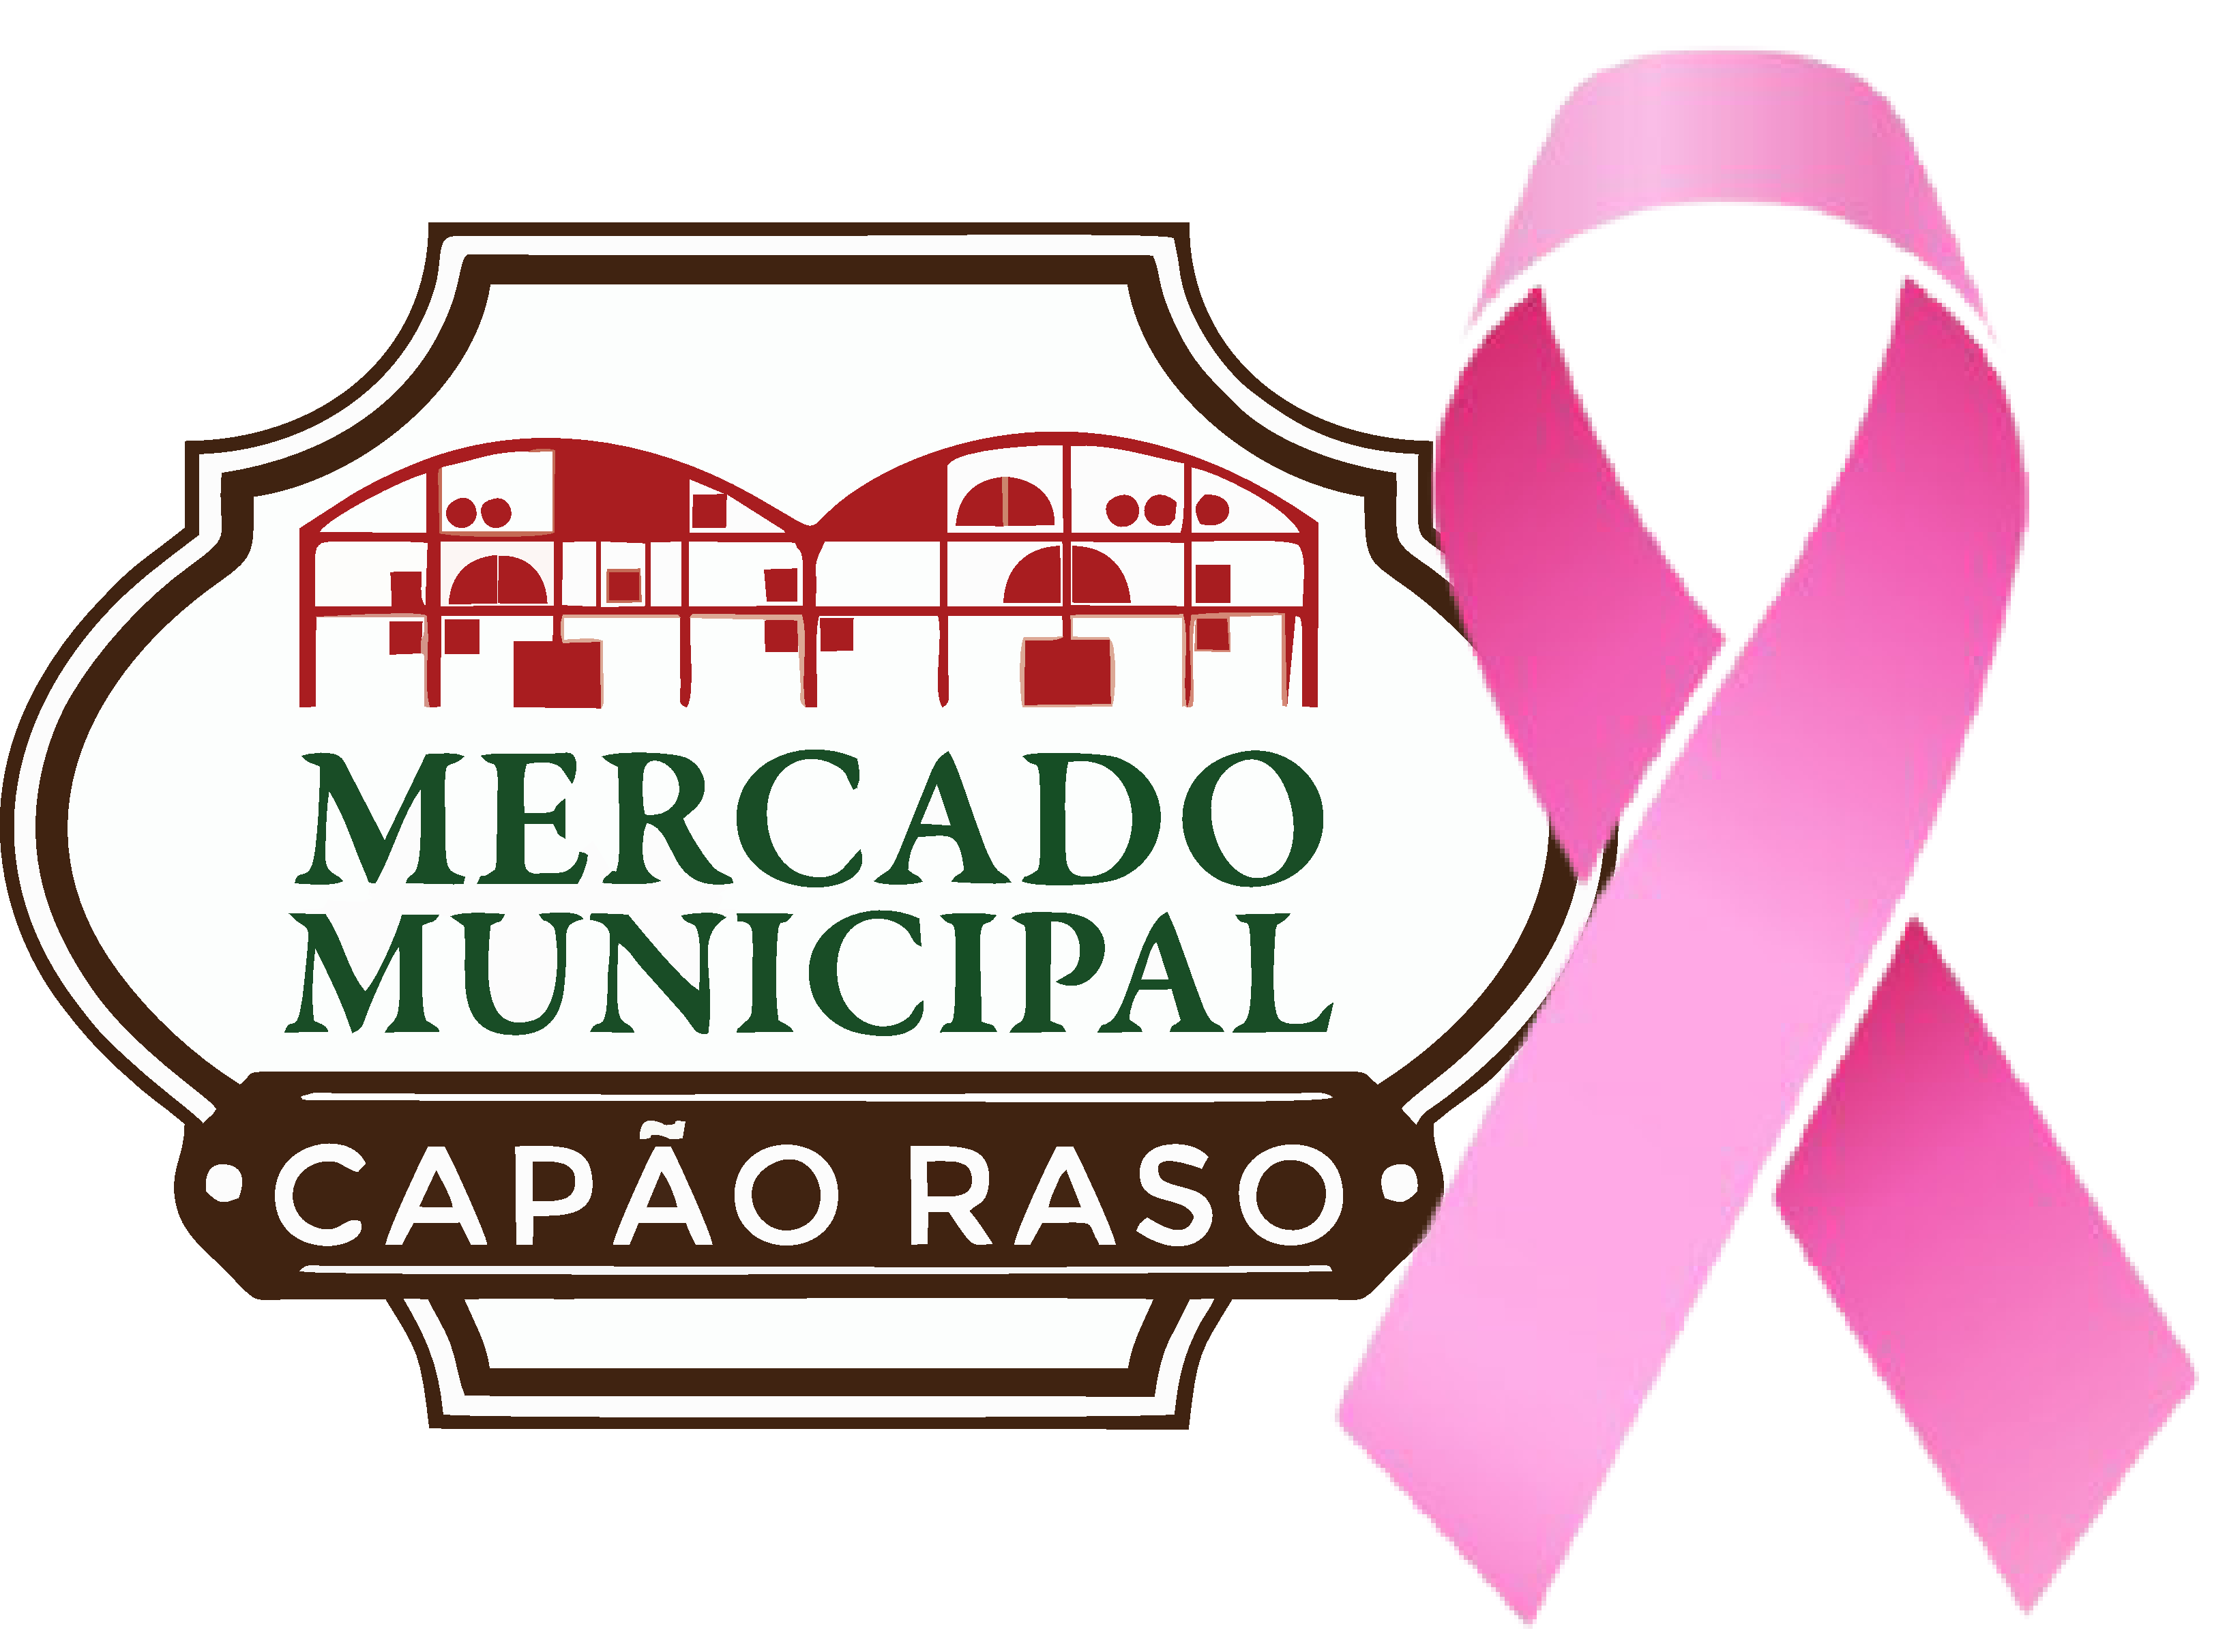 Mercado Municipal – Capão Raso